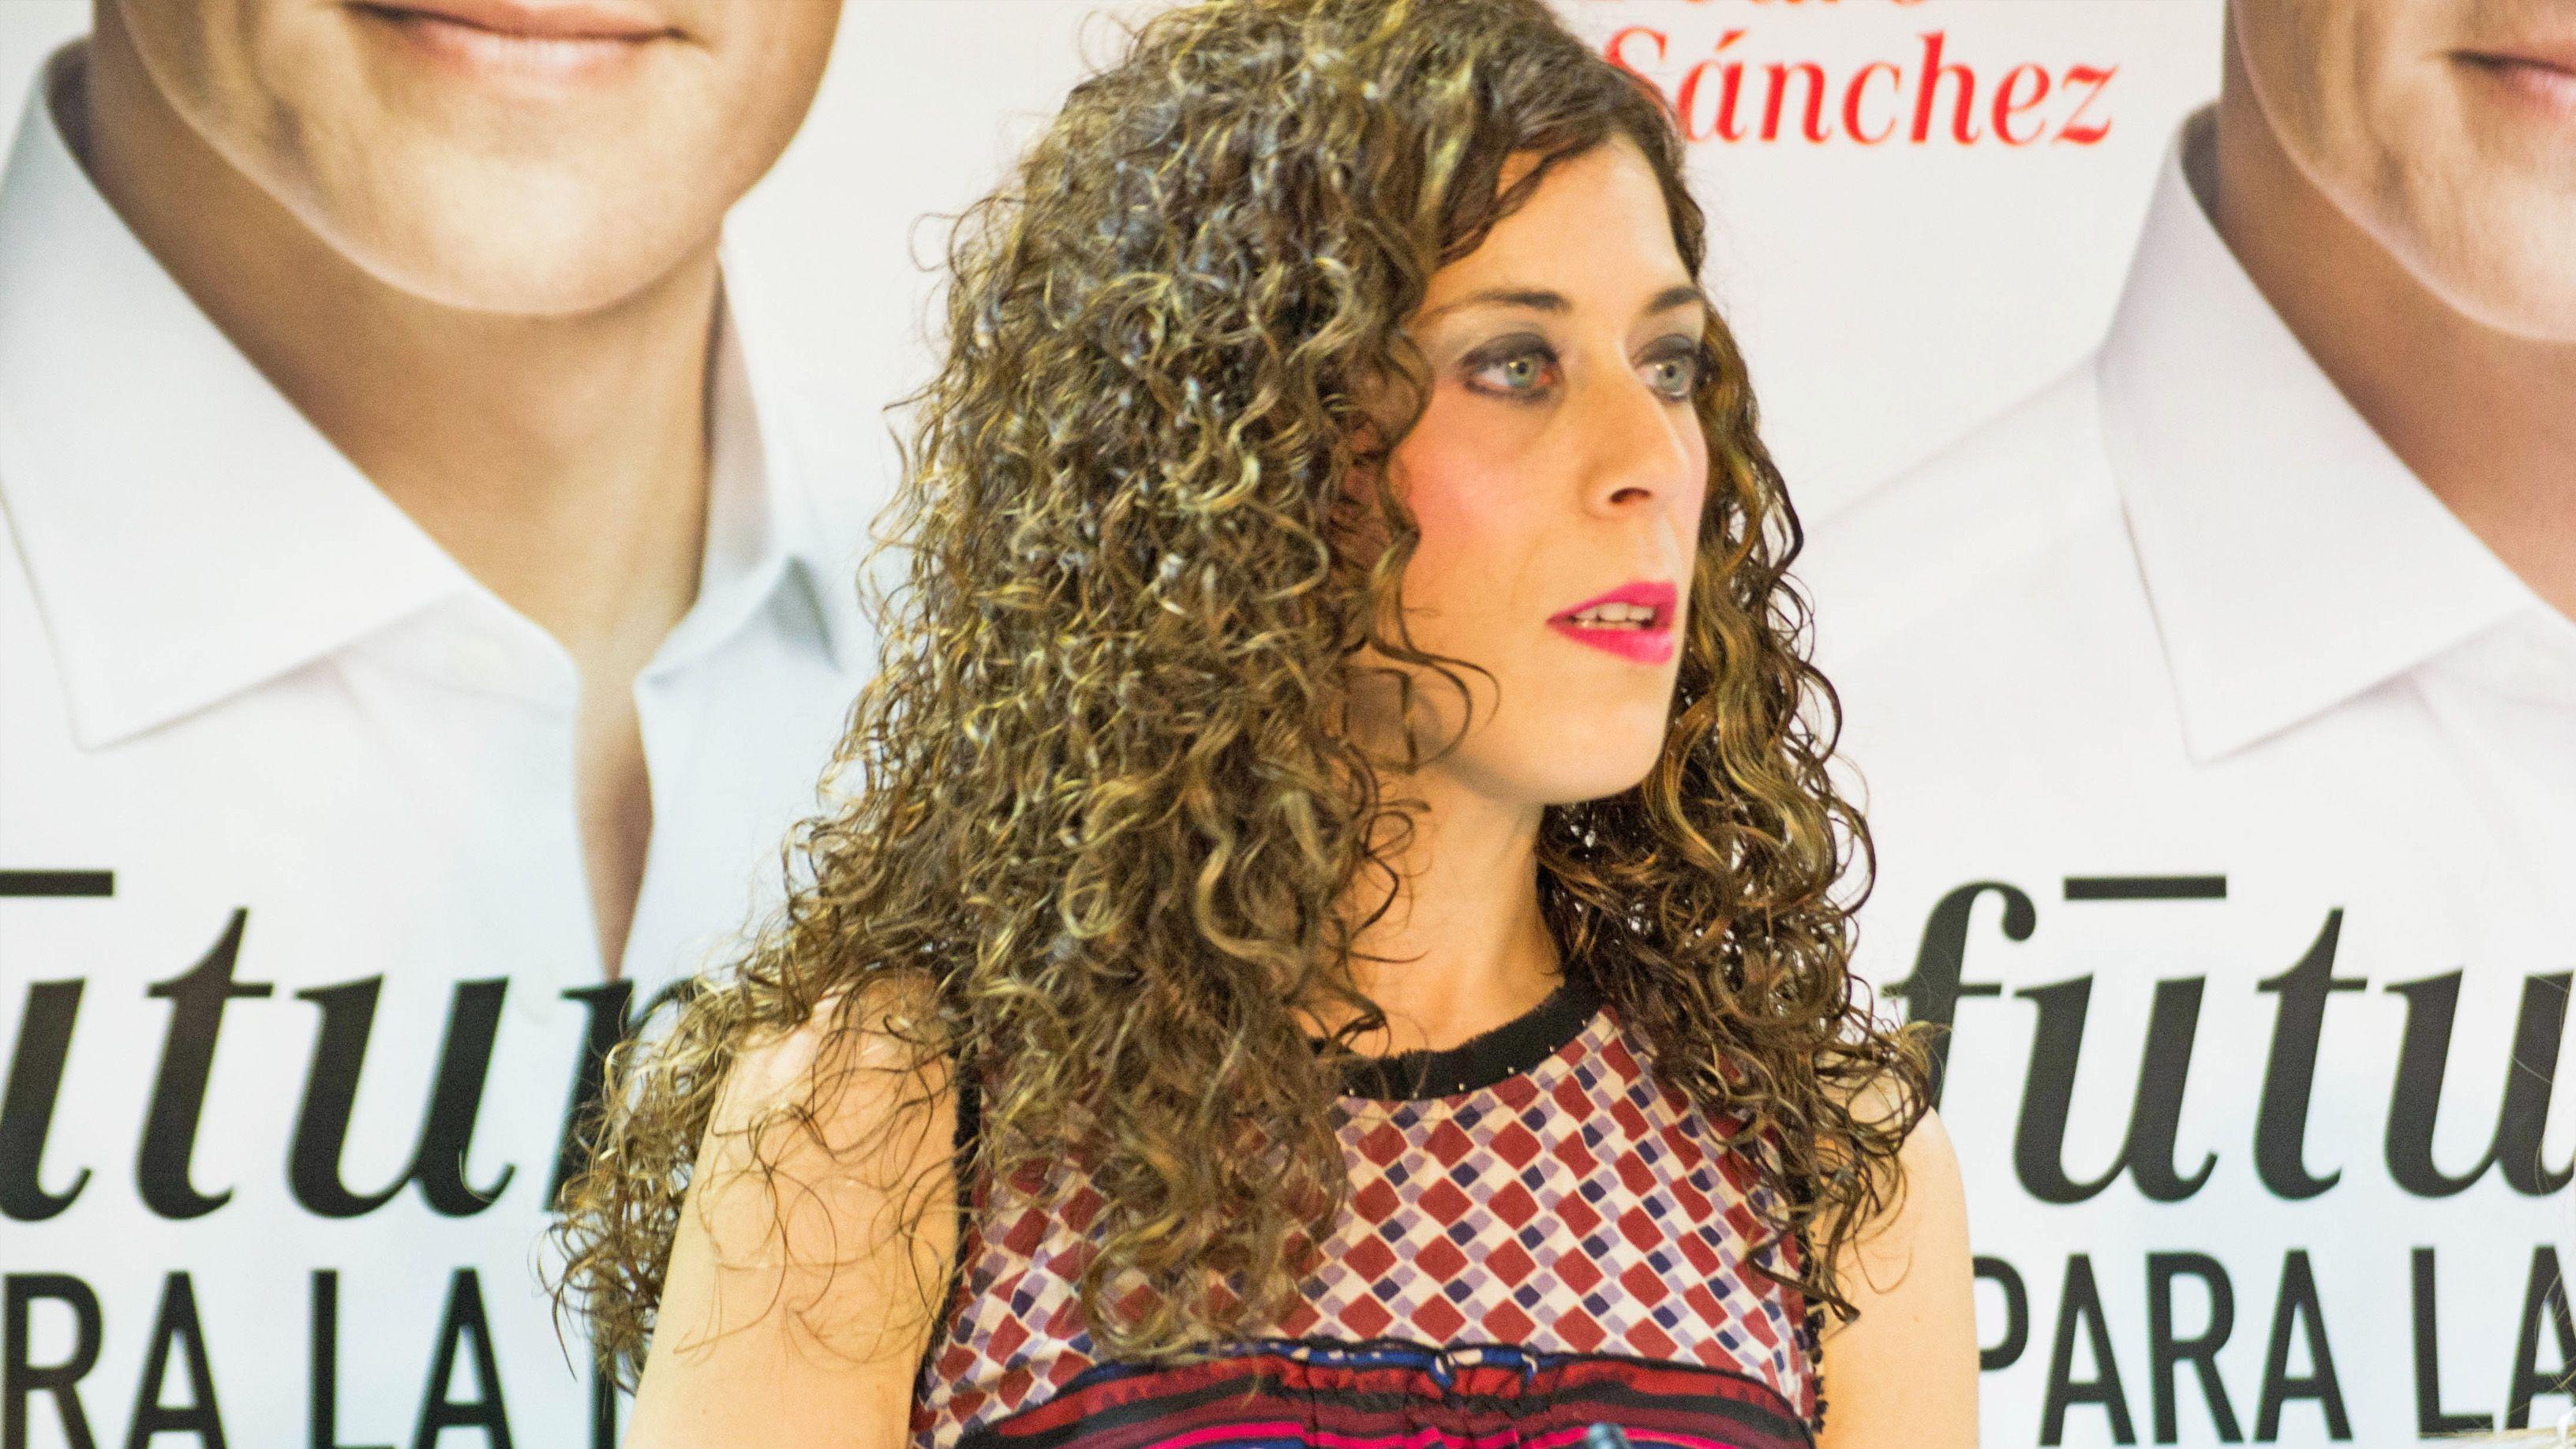 Miriam Alconchel, 27 de mayo de 2016 | Pablo Illanas para MIRA Jerez